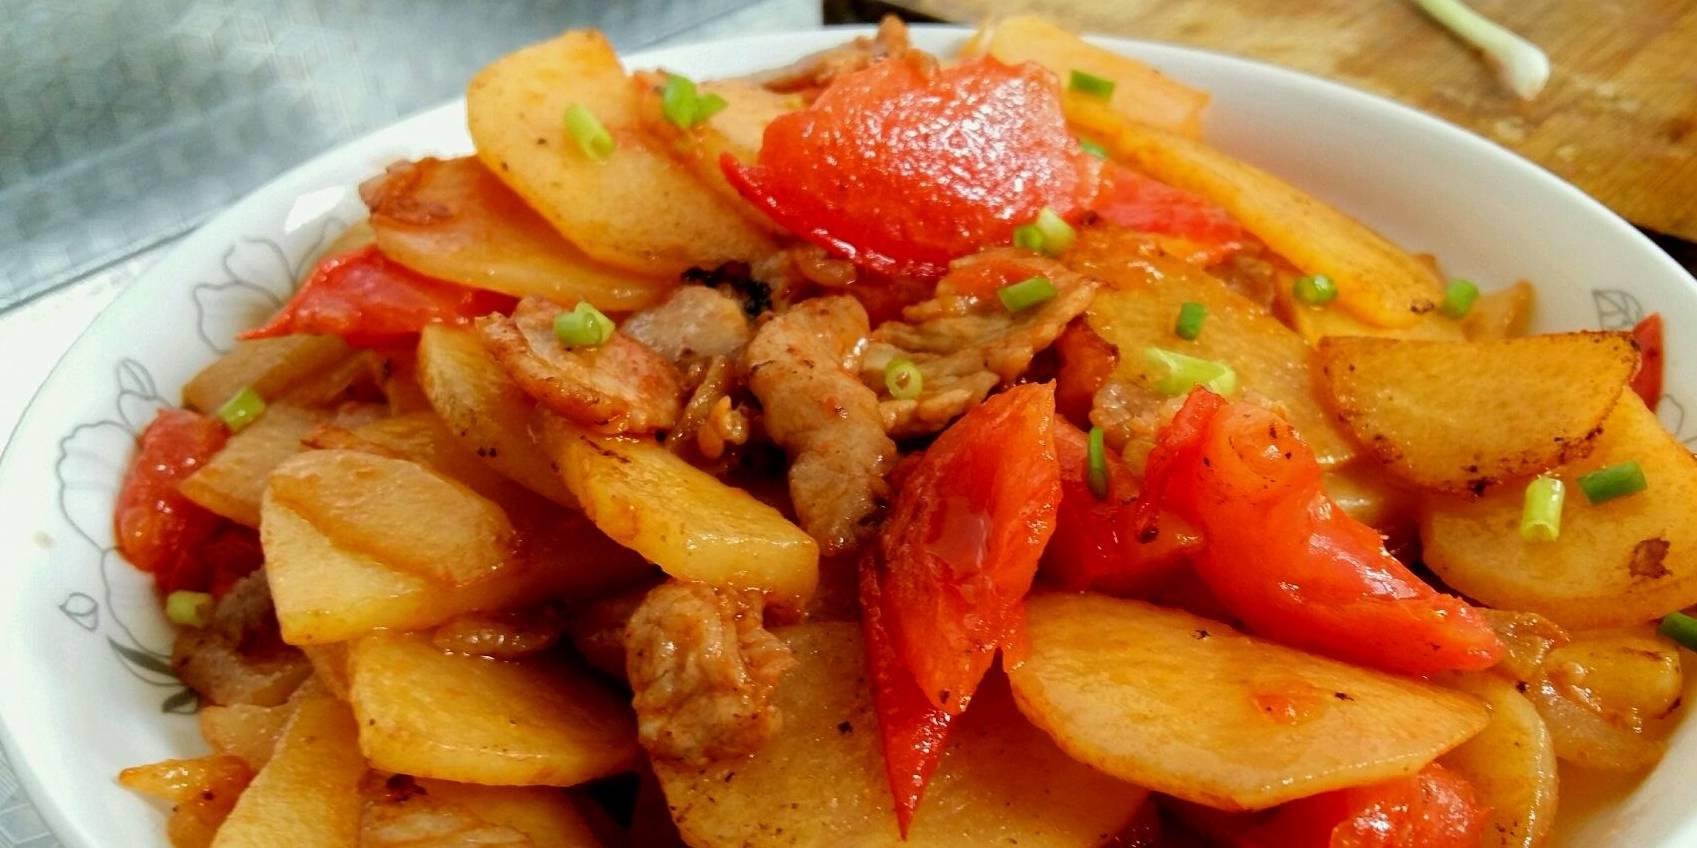 土豆有很多人爱吃,但土豆不能和它搭配,现在知道还不晚